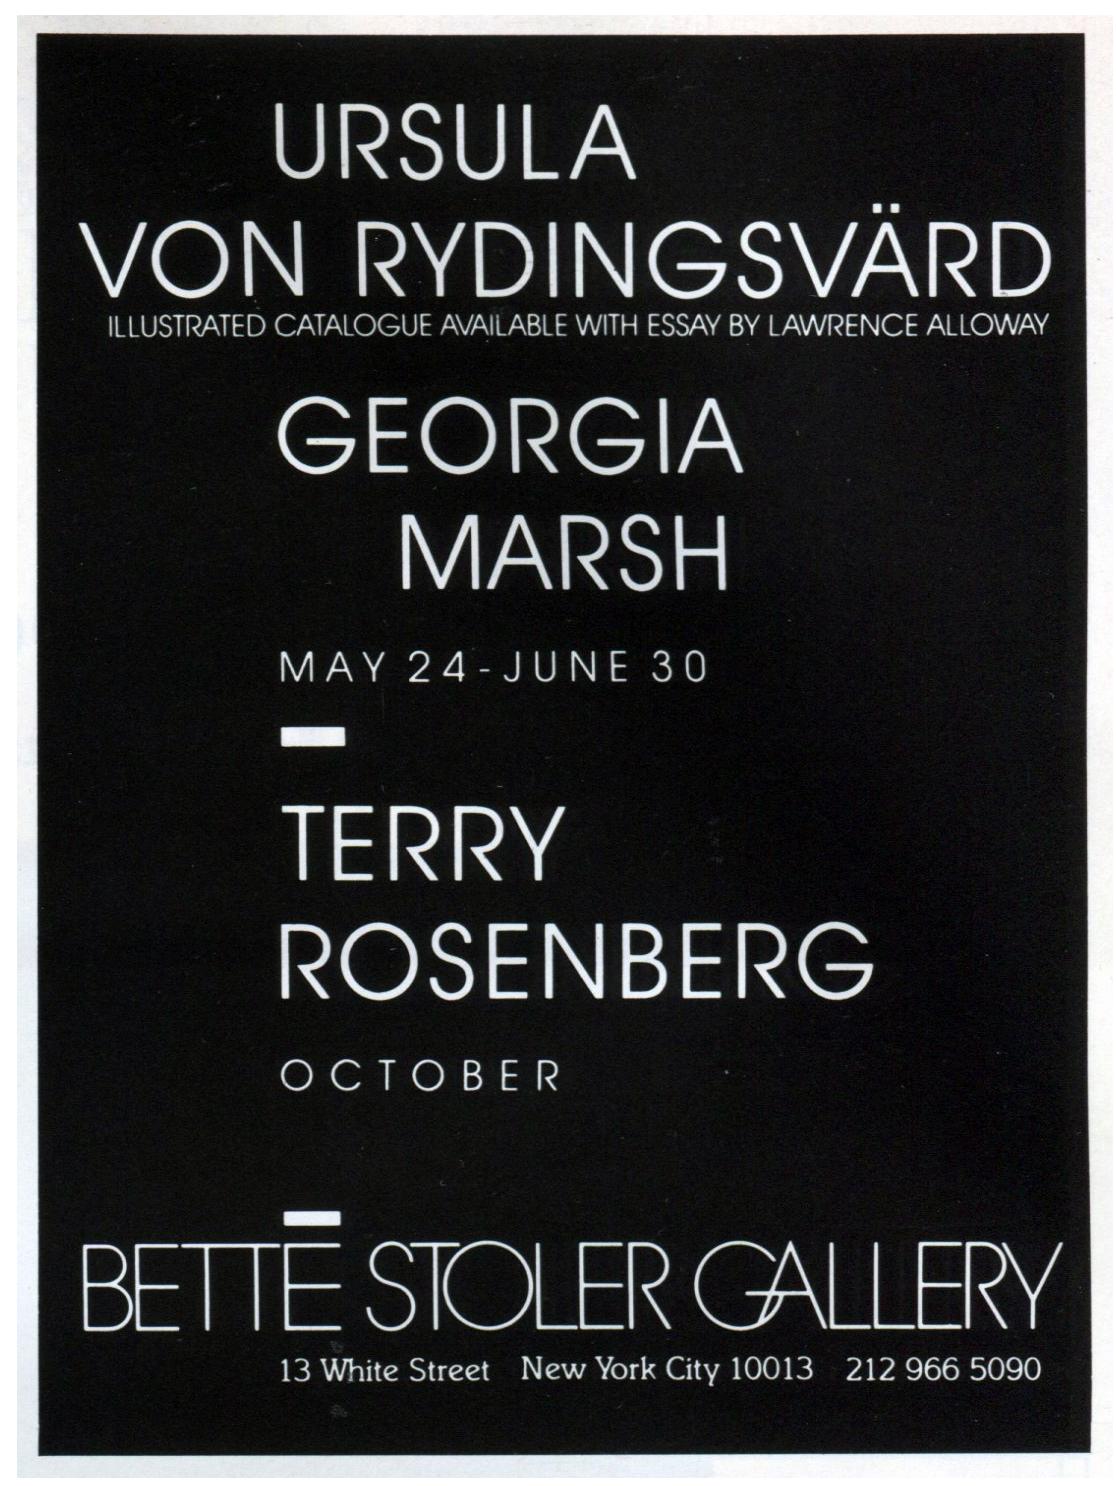 Bette Stoler Gallery.jpg